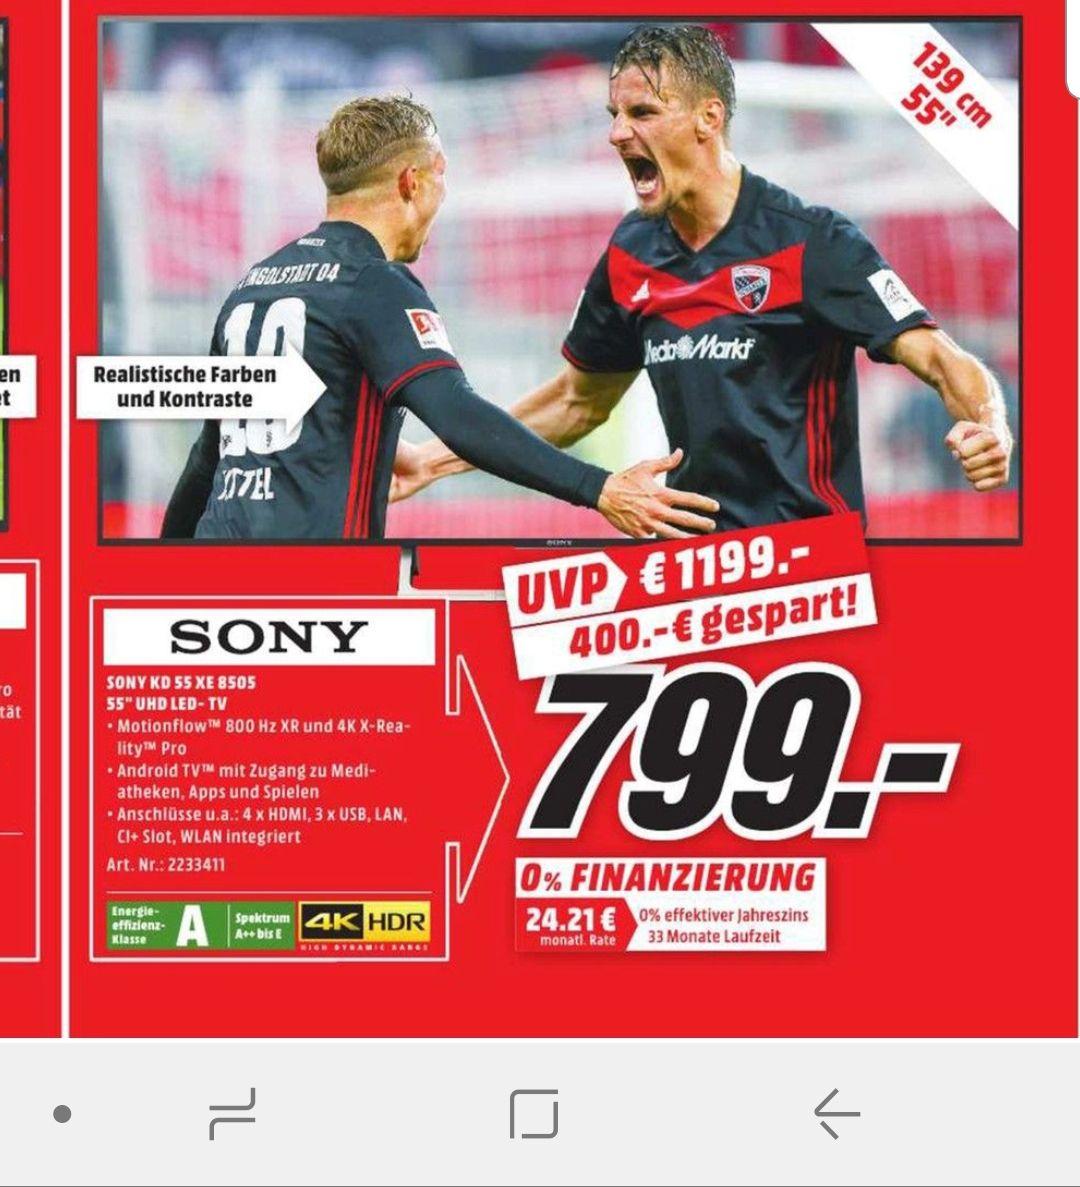 (Lokal MM Bochum Hofstede ) Sony KD55xe8505 für 799€